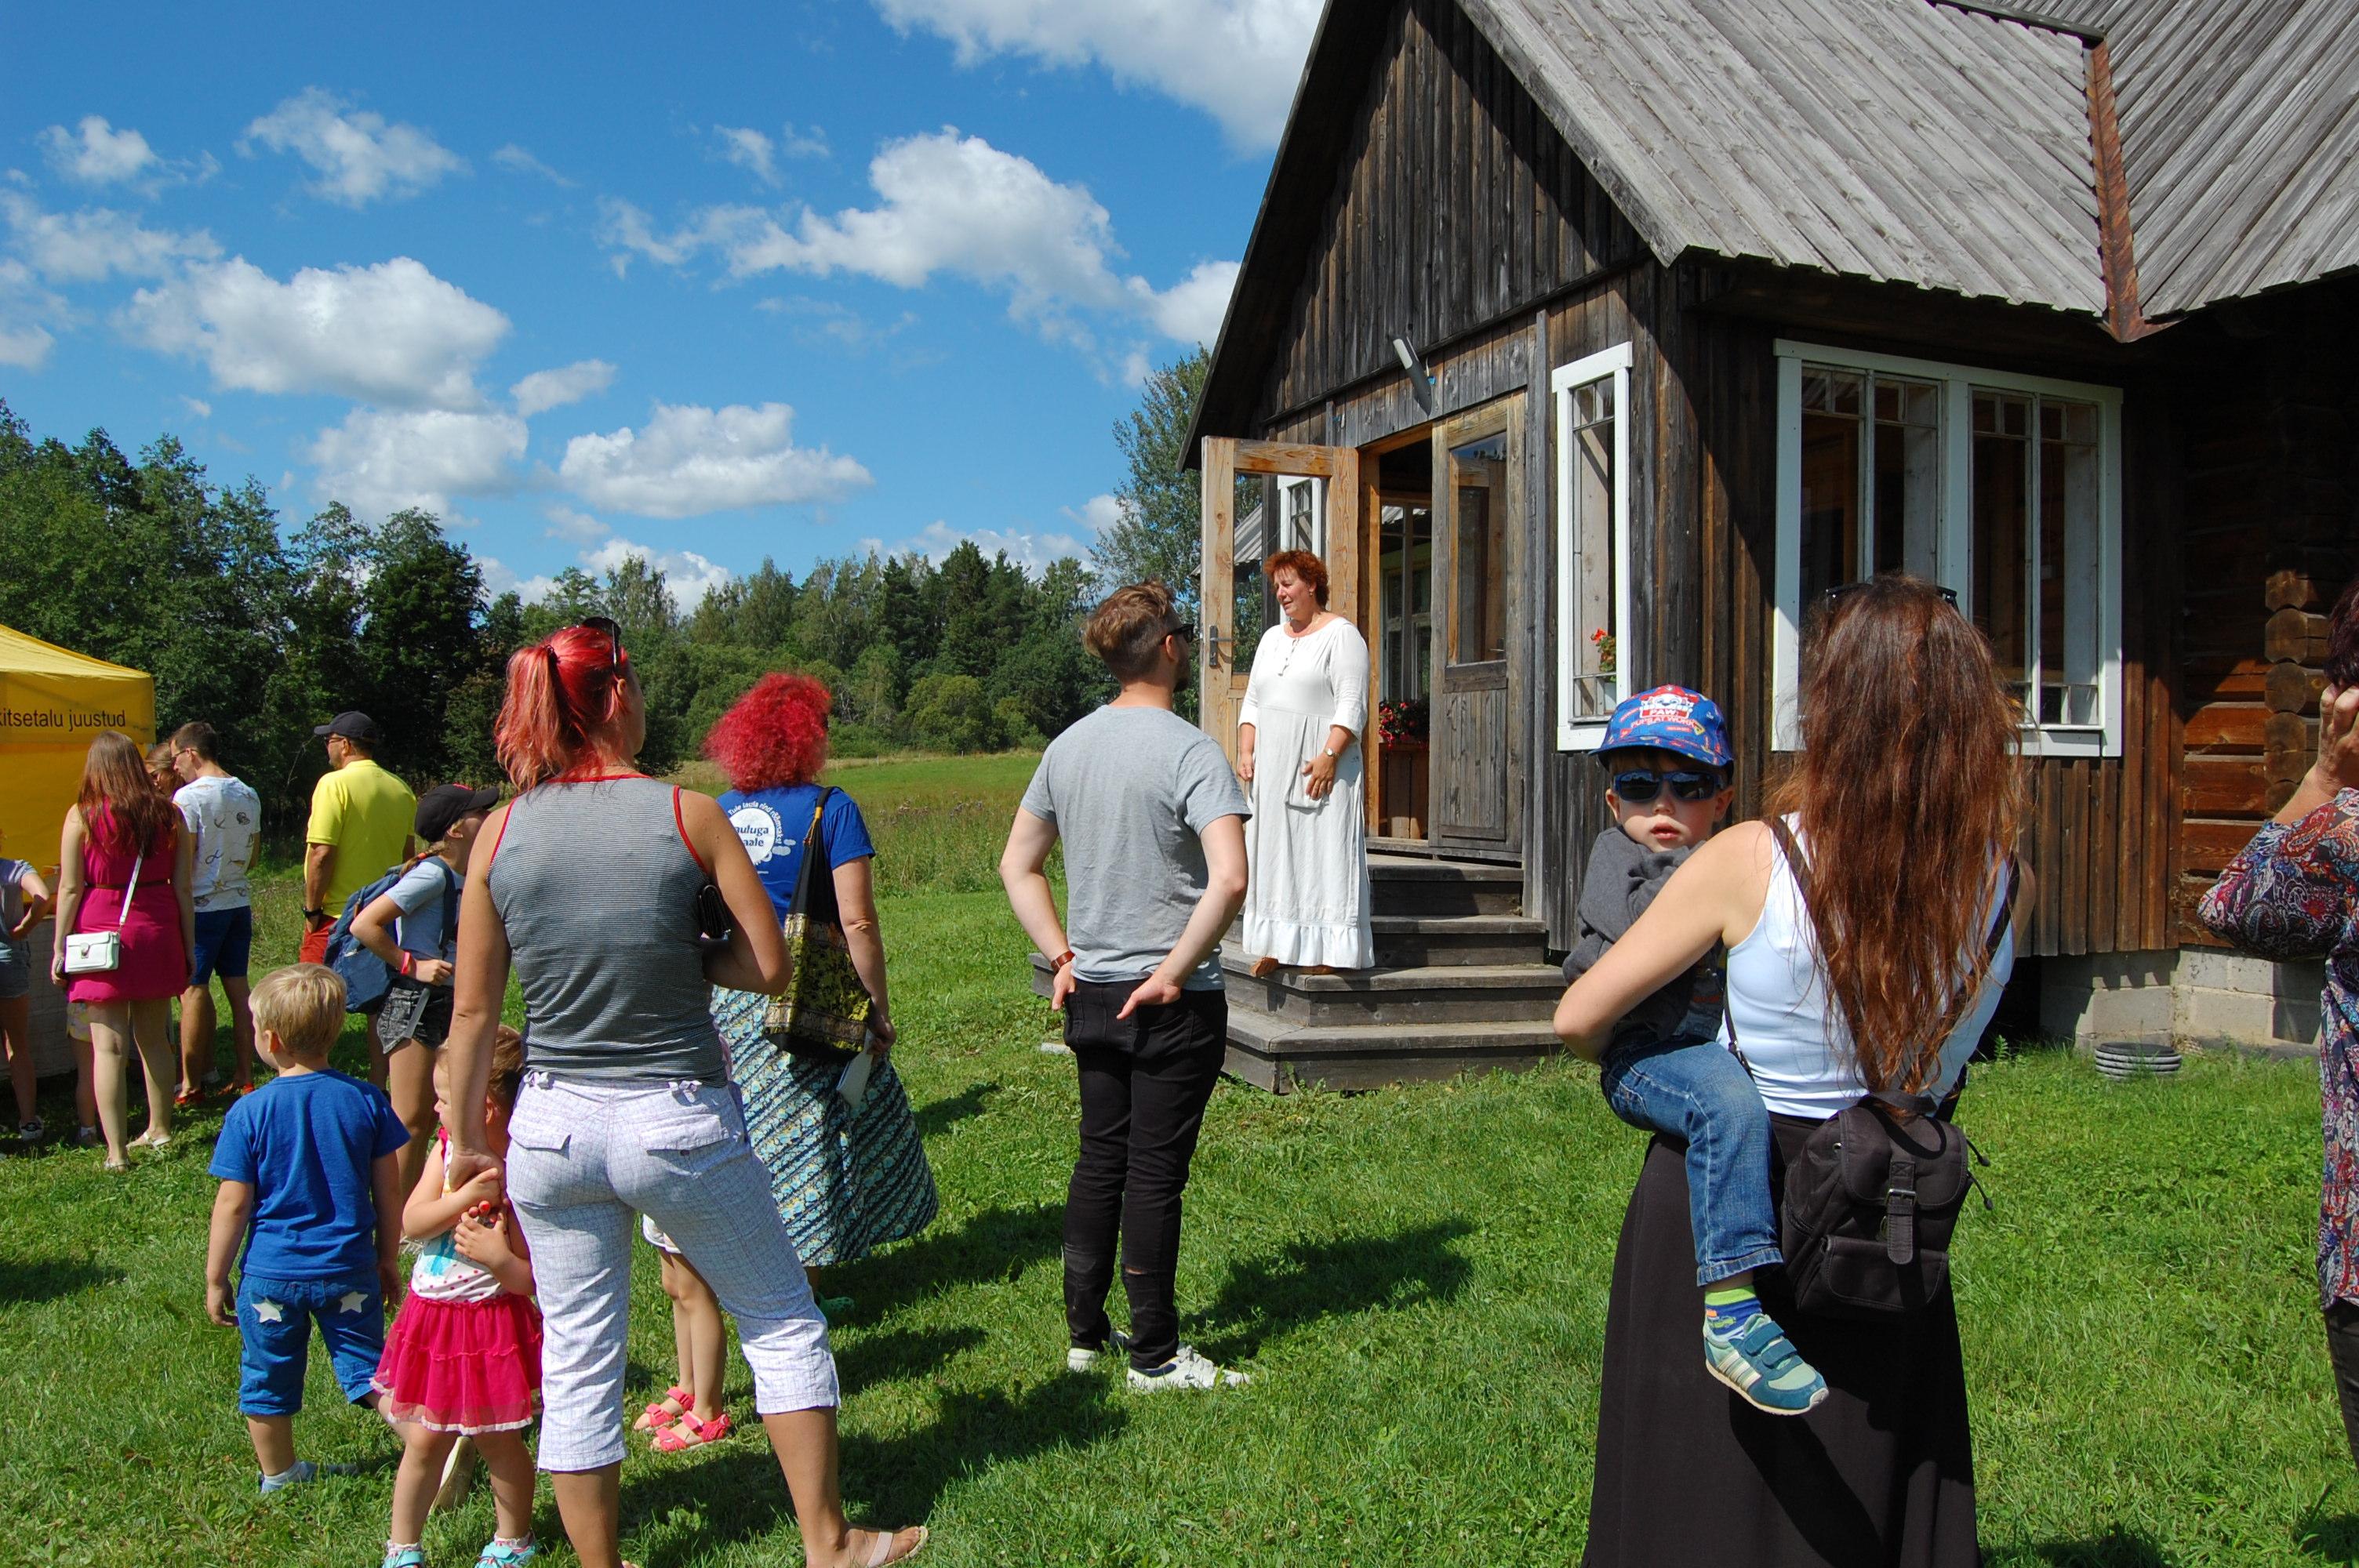 Kolotsi talu perenaine Merle Leibur (trepil) tutvustab talu 2019. aasta avatud talude päeval